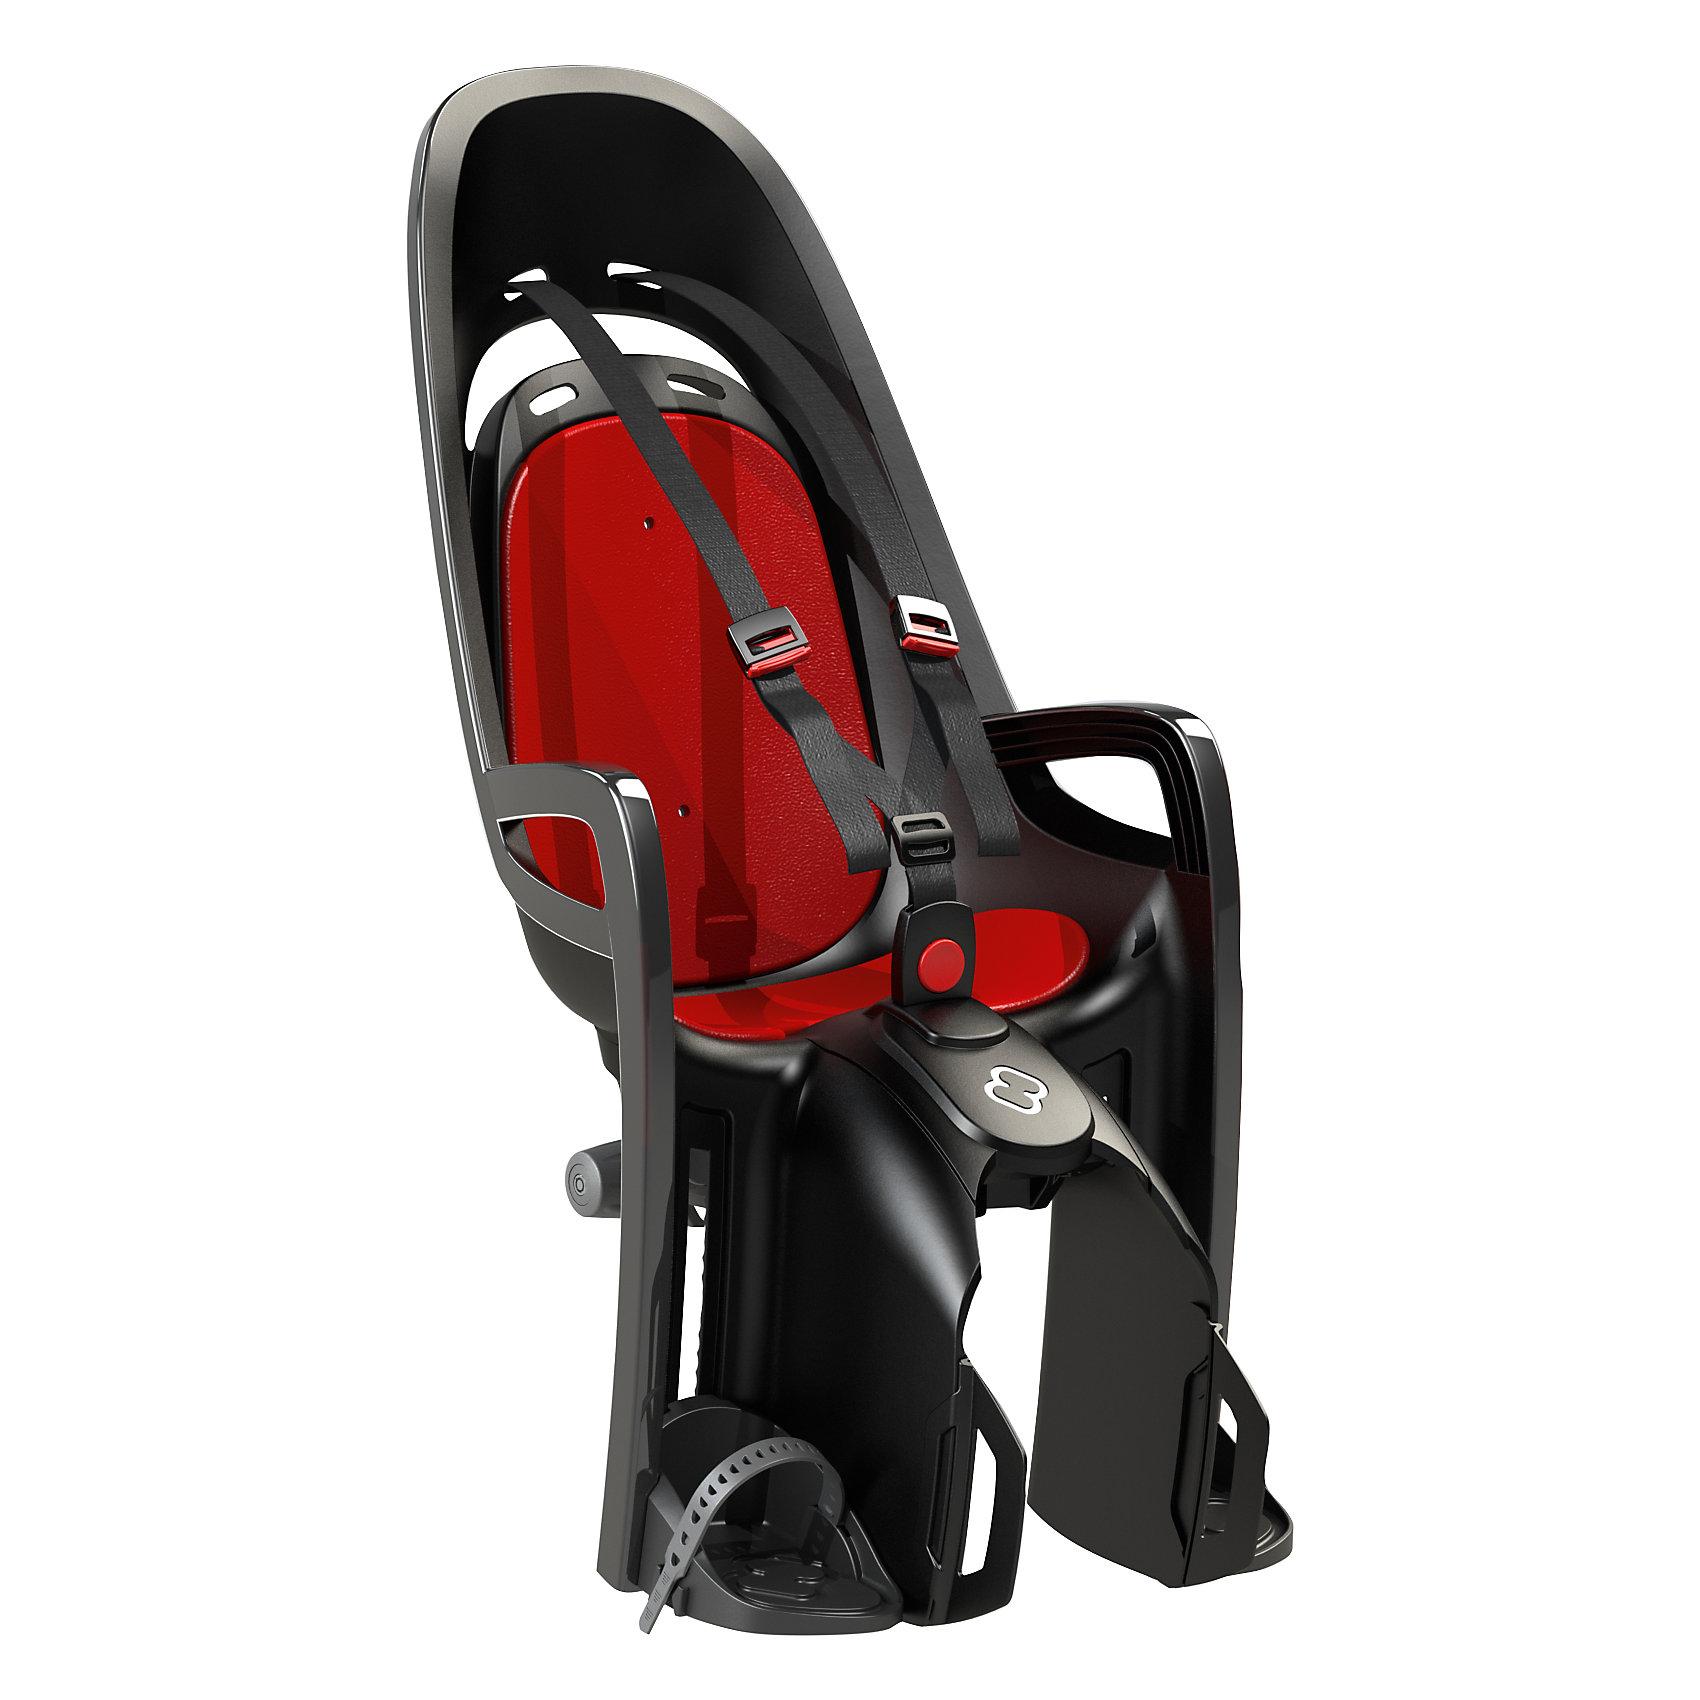 Детское велокресло Caress Zenith W/ Carrier Adapter, Hamax, серый/красныйАксеcсуары для велосипедов<br>Характеристики товара:<br><br>• цвет: серый, красный<br>• запираемый кронштейн крепления.<br>• проработанная эргономика кресла для максимально комфортной посадки<br>• 3-точечные ремни безопасности с дополнительным кронштейном для фиксации в районе груди,и обеспечения ребенку безопасной и удобной посадки.<br>• специальная конструкция пряжек ремней безопасности/фиксации для предотвращения саморастегивания ребенка<br>• простое в использование, полностью соответствующее всем Европейским стандартам безопасности<br>• крепится только  на багажники Hamax (в комплект не входит)<br>• предназначено для детей в возрасте старше 9 месяцев и весом до 22 кг<br>• регулируемый ремень безопасности и подножки<br>• регулировка подножек одной рукой<br>• встроенные отражатели для улучшения видимости кресла<br>• мягкие плечевые пряжки ремней<br>• велокресло сертифицировано по: T?V / GS EN14344<br>• вес: 3550гр.<br>• размер: 37х80х34см<br><br>Мягкие пряжки для фиксации ребенка в кресле очень легкие и комфортные, но при этом обеспечивают надежную фиксацию ребенка в велокресле, позволяя при необходимости совершать резкие маневры и торможения. <br><br>Эргономика велокресла рассчитана так что спинка кресла не будет мешать голове ребенка в моменты когда он хочет откинуться назад кресла в шлеме.<br><br>Механизмы регулировки застежек позволяют комфортно отрегулировать их вместе с ростом ребенка.<br><br>Все детские велосидения Hamax растут вместе с ребенком!  Регулируемые ремень безопасности и подножки.<br><br>Детское сиденье для велосипеда очень легко крепится и освобождается от велосипеда. Приобретая дополнительный кронштейн, вы можете легко переставлять детское сиденье с одного велосипеда на другой.<br><br>Не забудьте: ребенок должен всегда носить шлем при использовании детского сиденья.<br><br>Детское велокресло Caress Zenith W/ Carrier Adapter, Hamax, серый/красный  можно купить в нашем интер